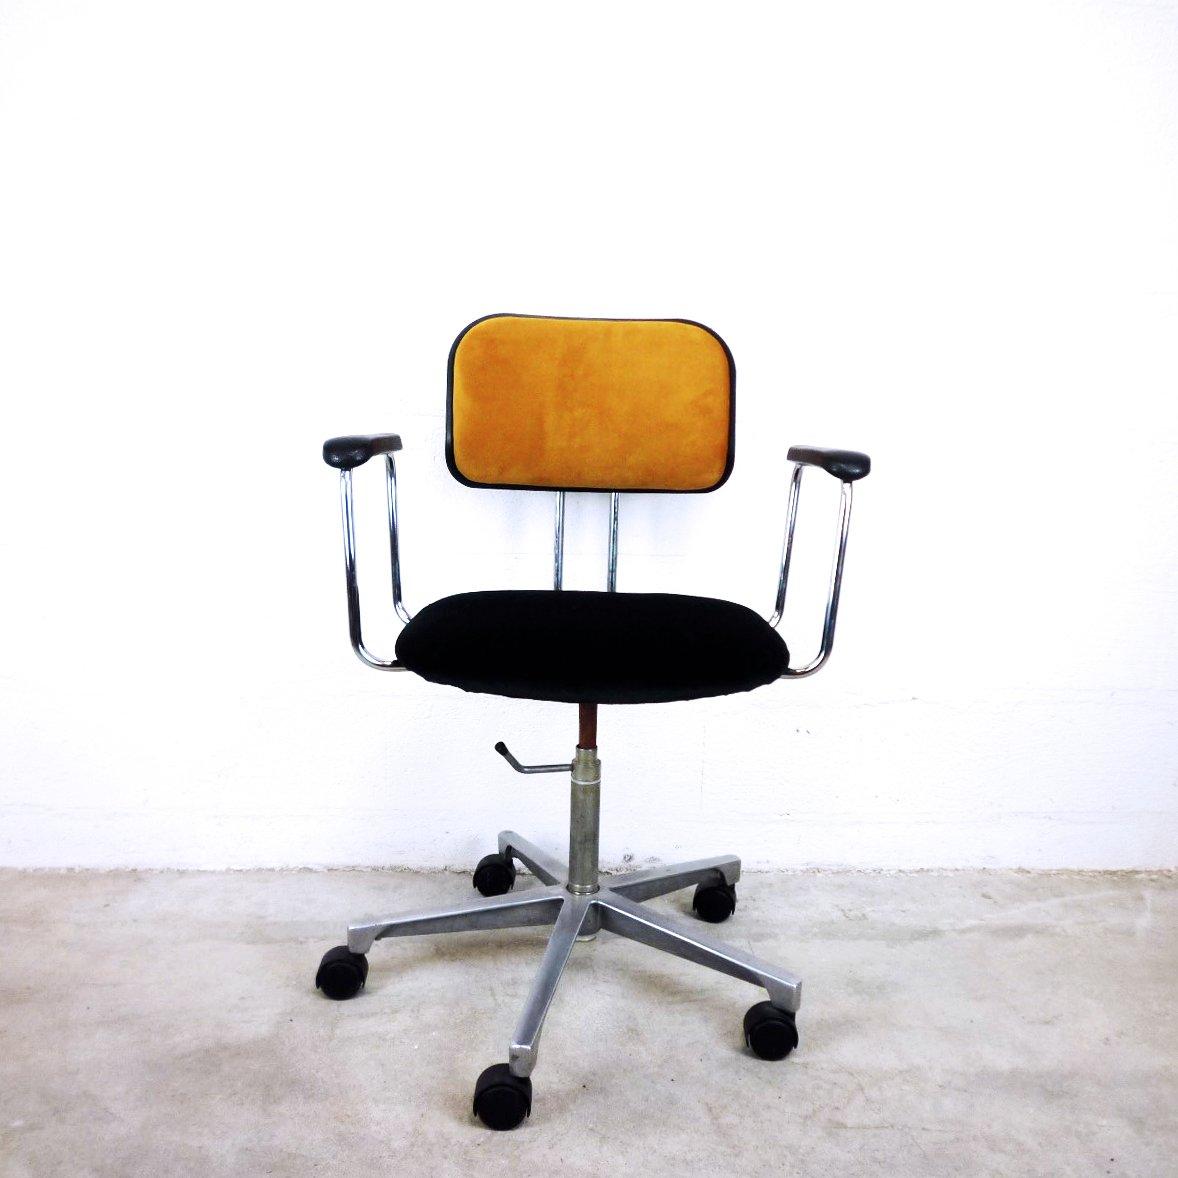 chaise de bureau vintage en velours de ab kontor m bler su de en vente sur pamono. Black Bedroom Furniture Sets. Home Design Ideas